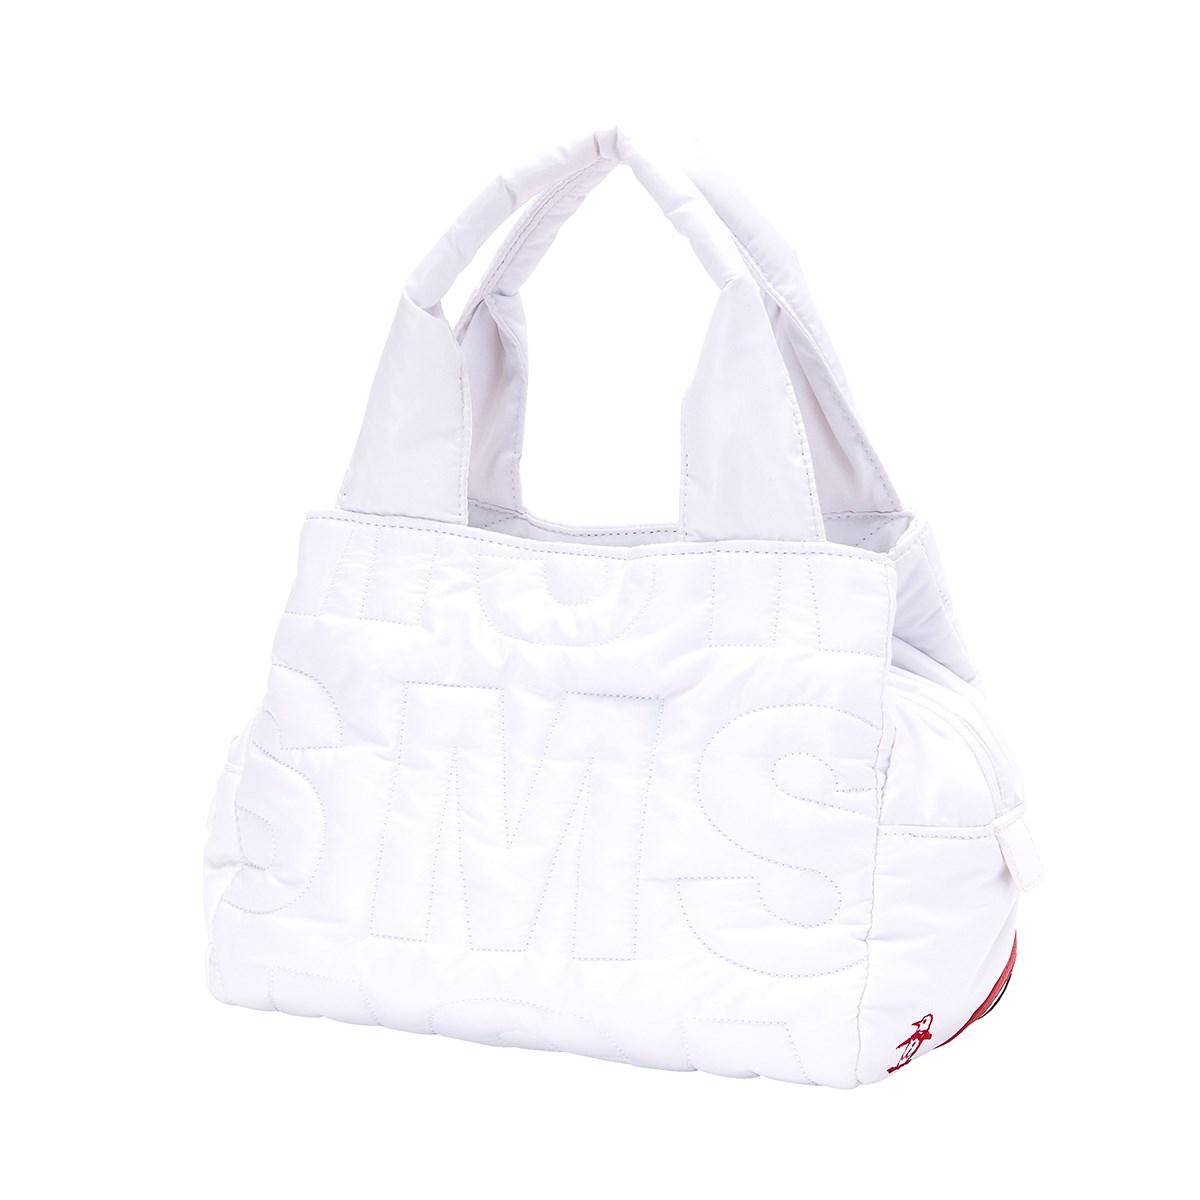 マンシングウェア Munsingwear ポーチ ホワイト 00